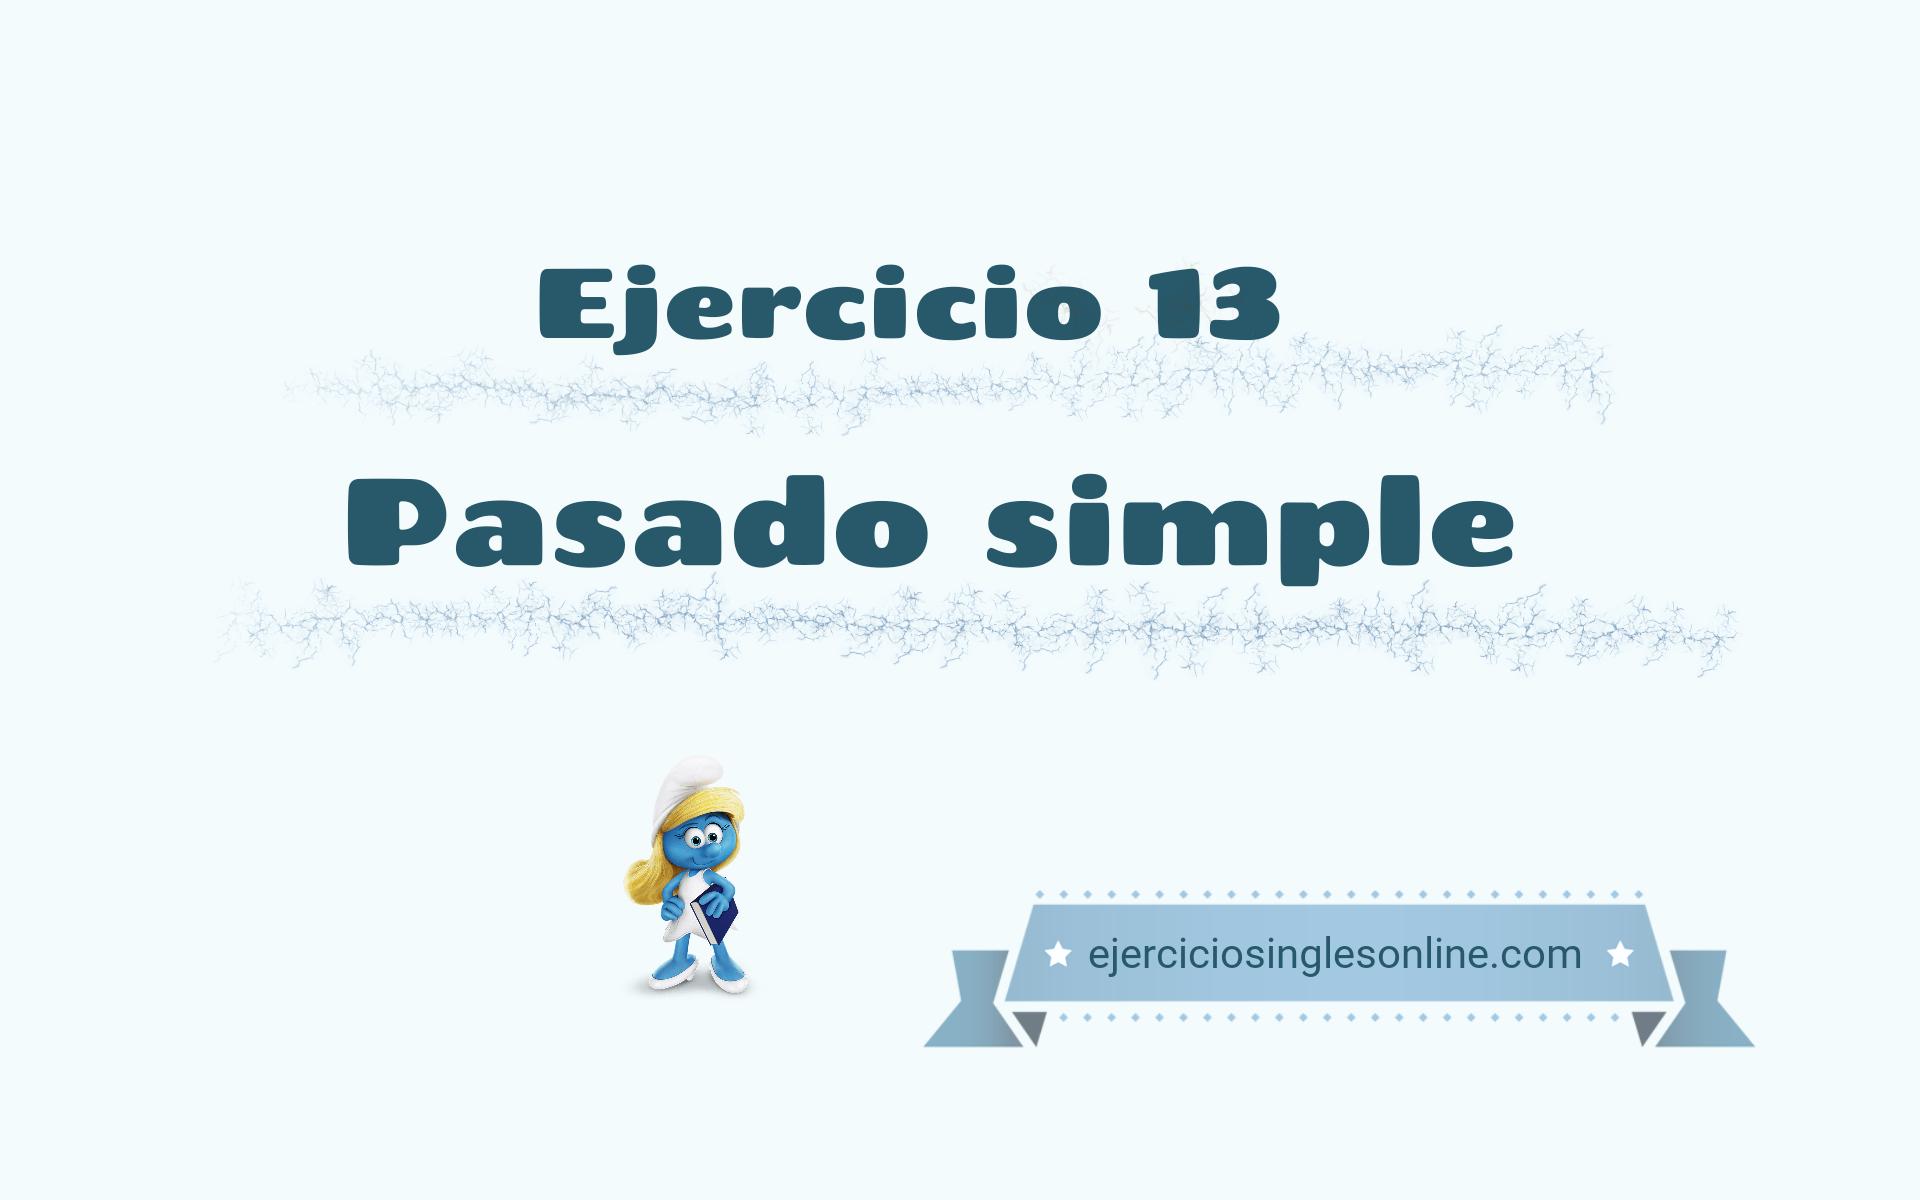 Pasado simple - Ejercicio 13